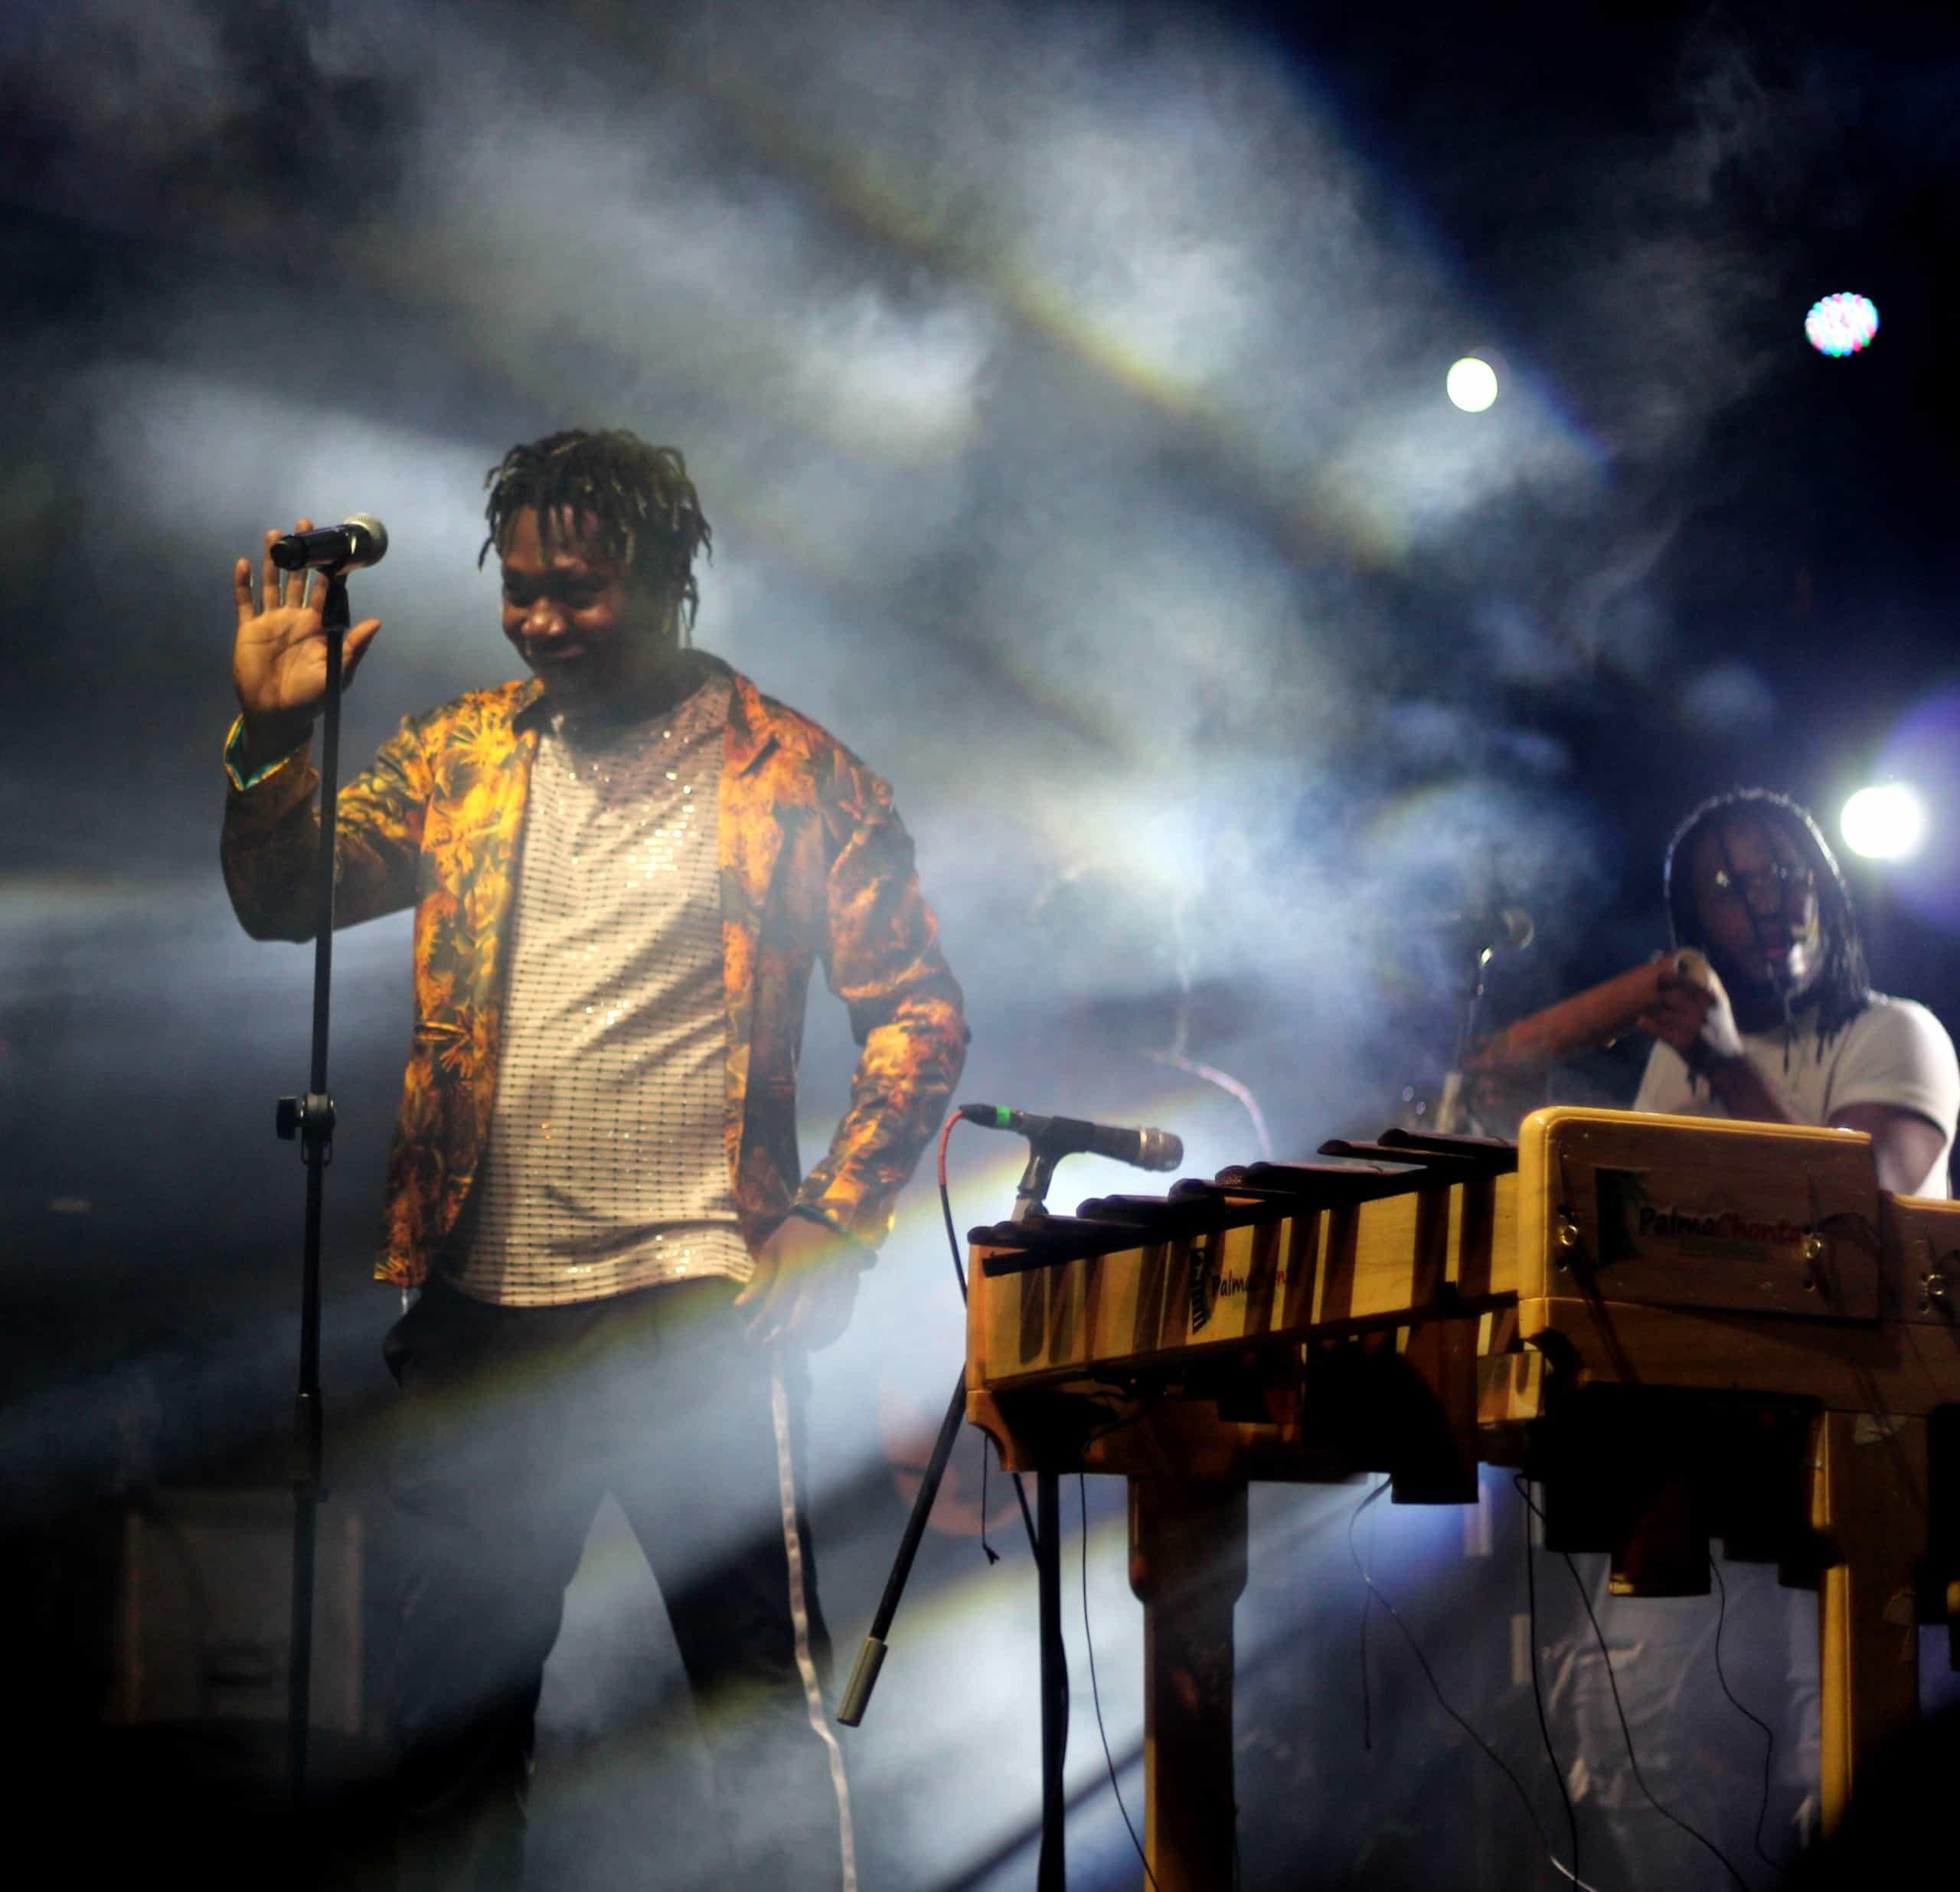 petronio alvarez live music